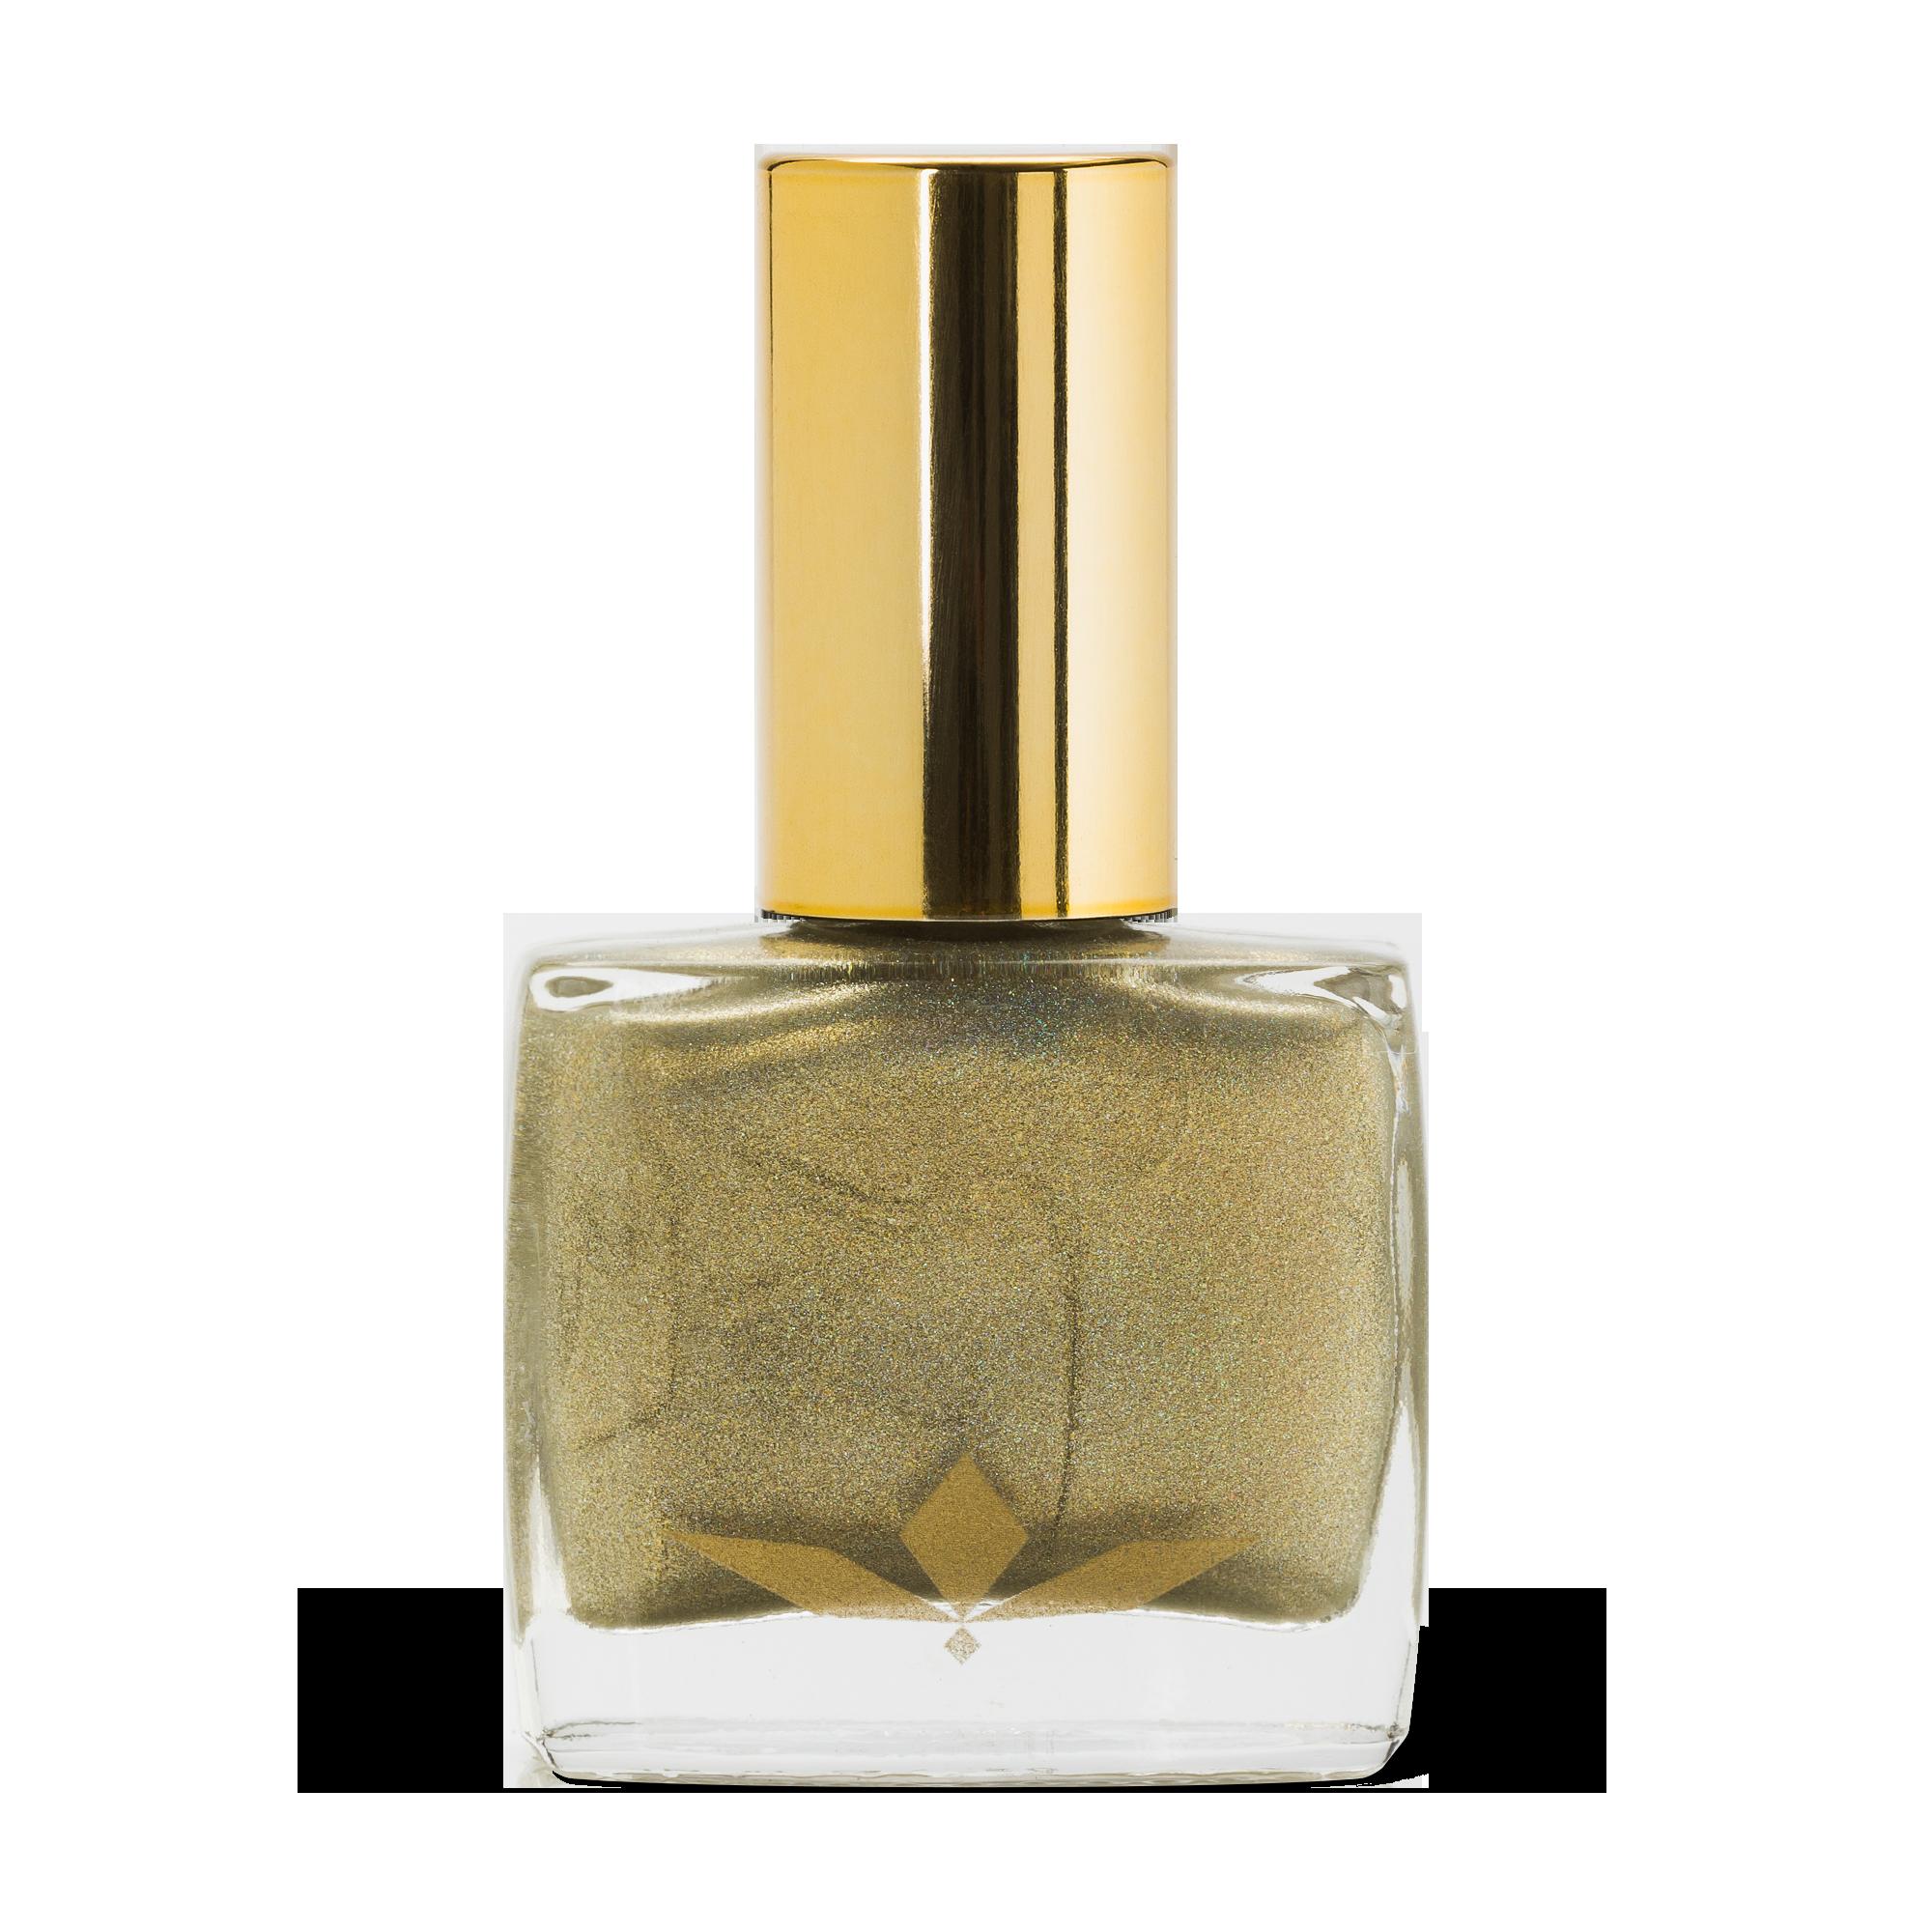 Nail polish product photography